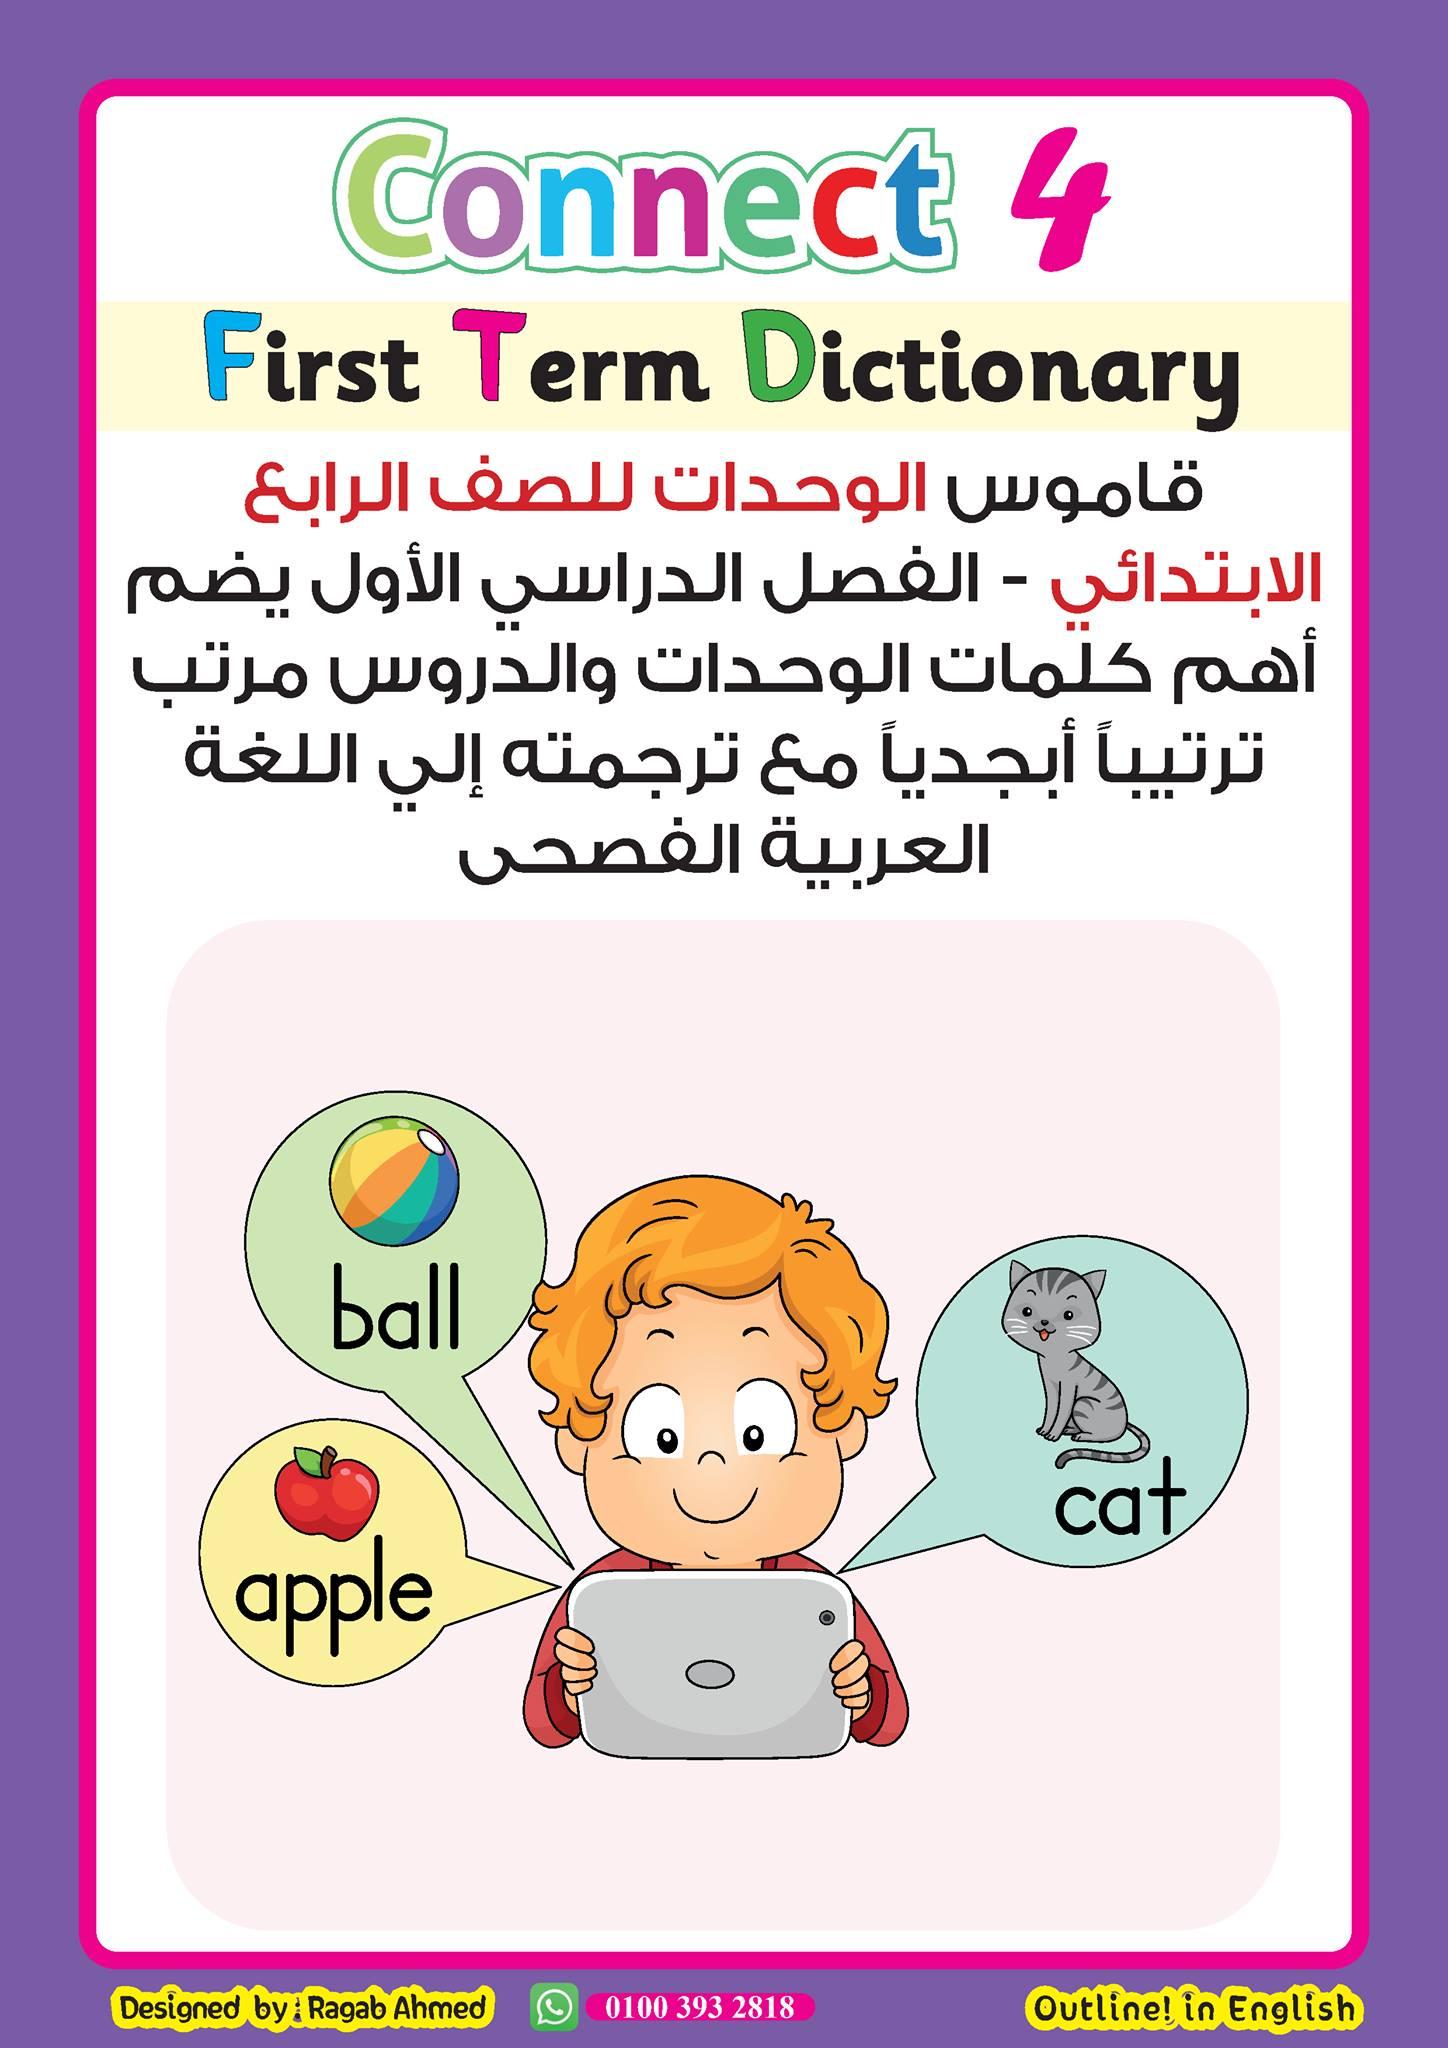 قاموس منهج اللغة الانجليزية الجديد للصف الرابع ترم أول 2022